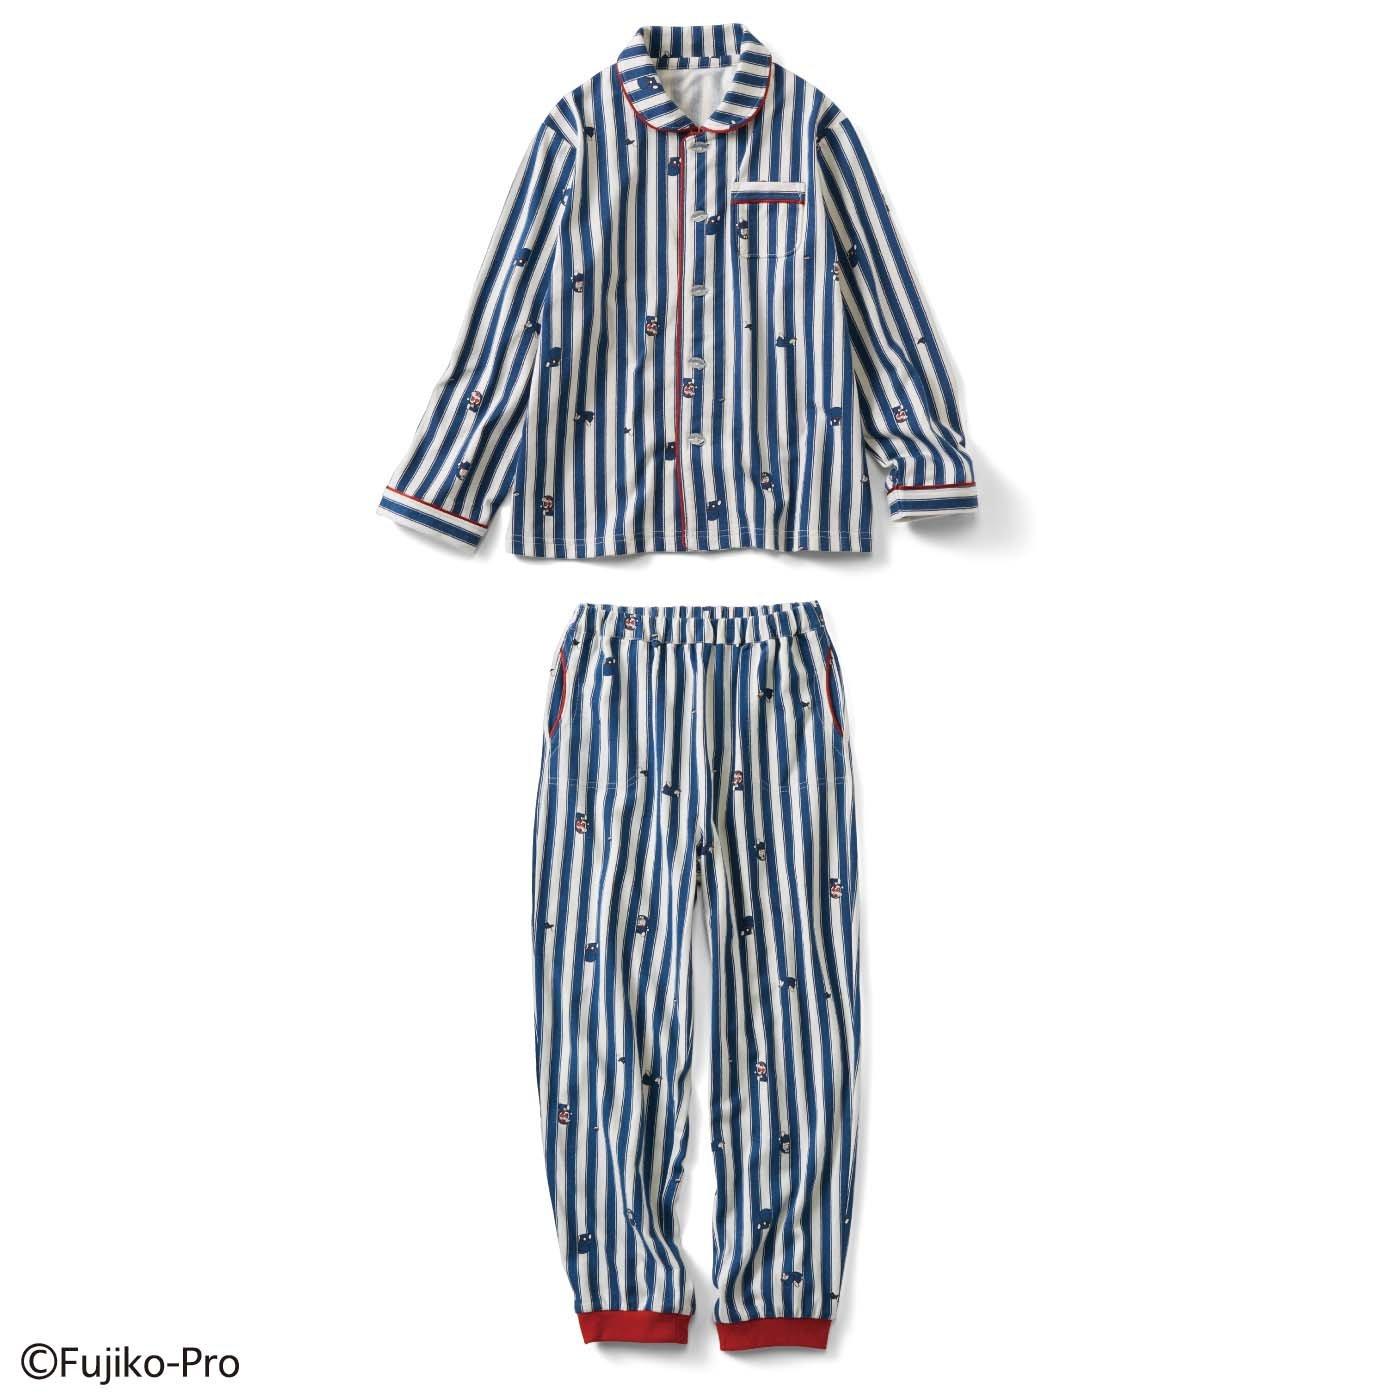 ドラえもん コットンが素肌に気持ちいい ストライプキッズパジャマ〈ブルー×ホワイト〉